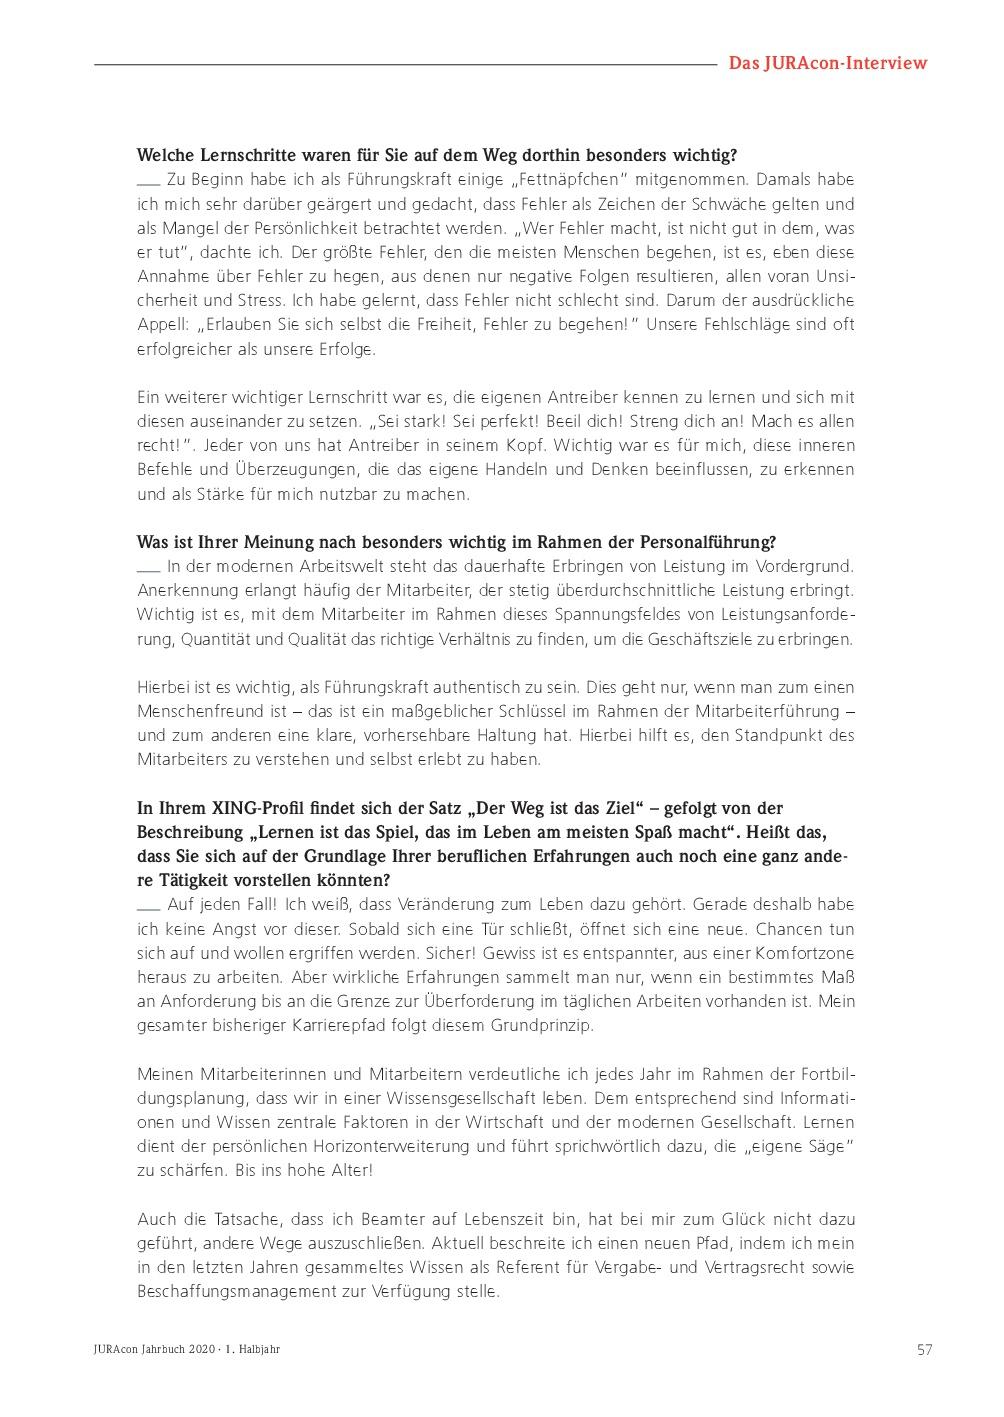 JURAcon Jahrbuch 2020 - Interview Marco Führer - Seite 57